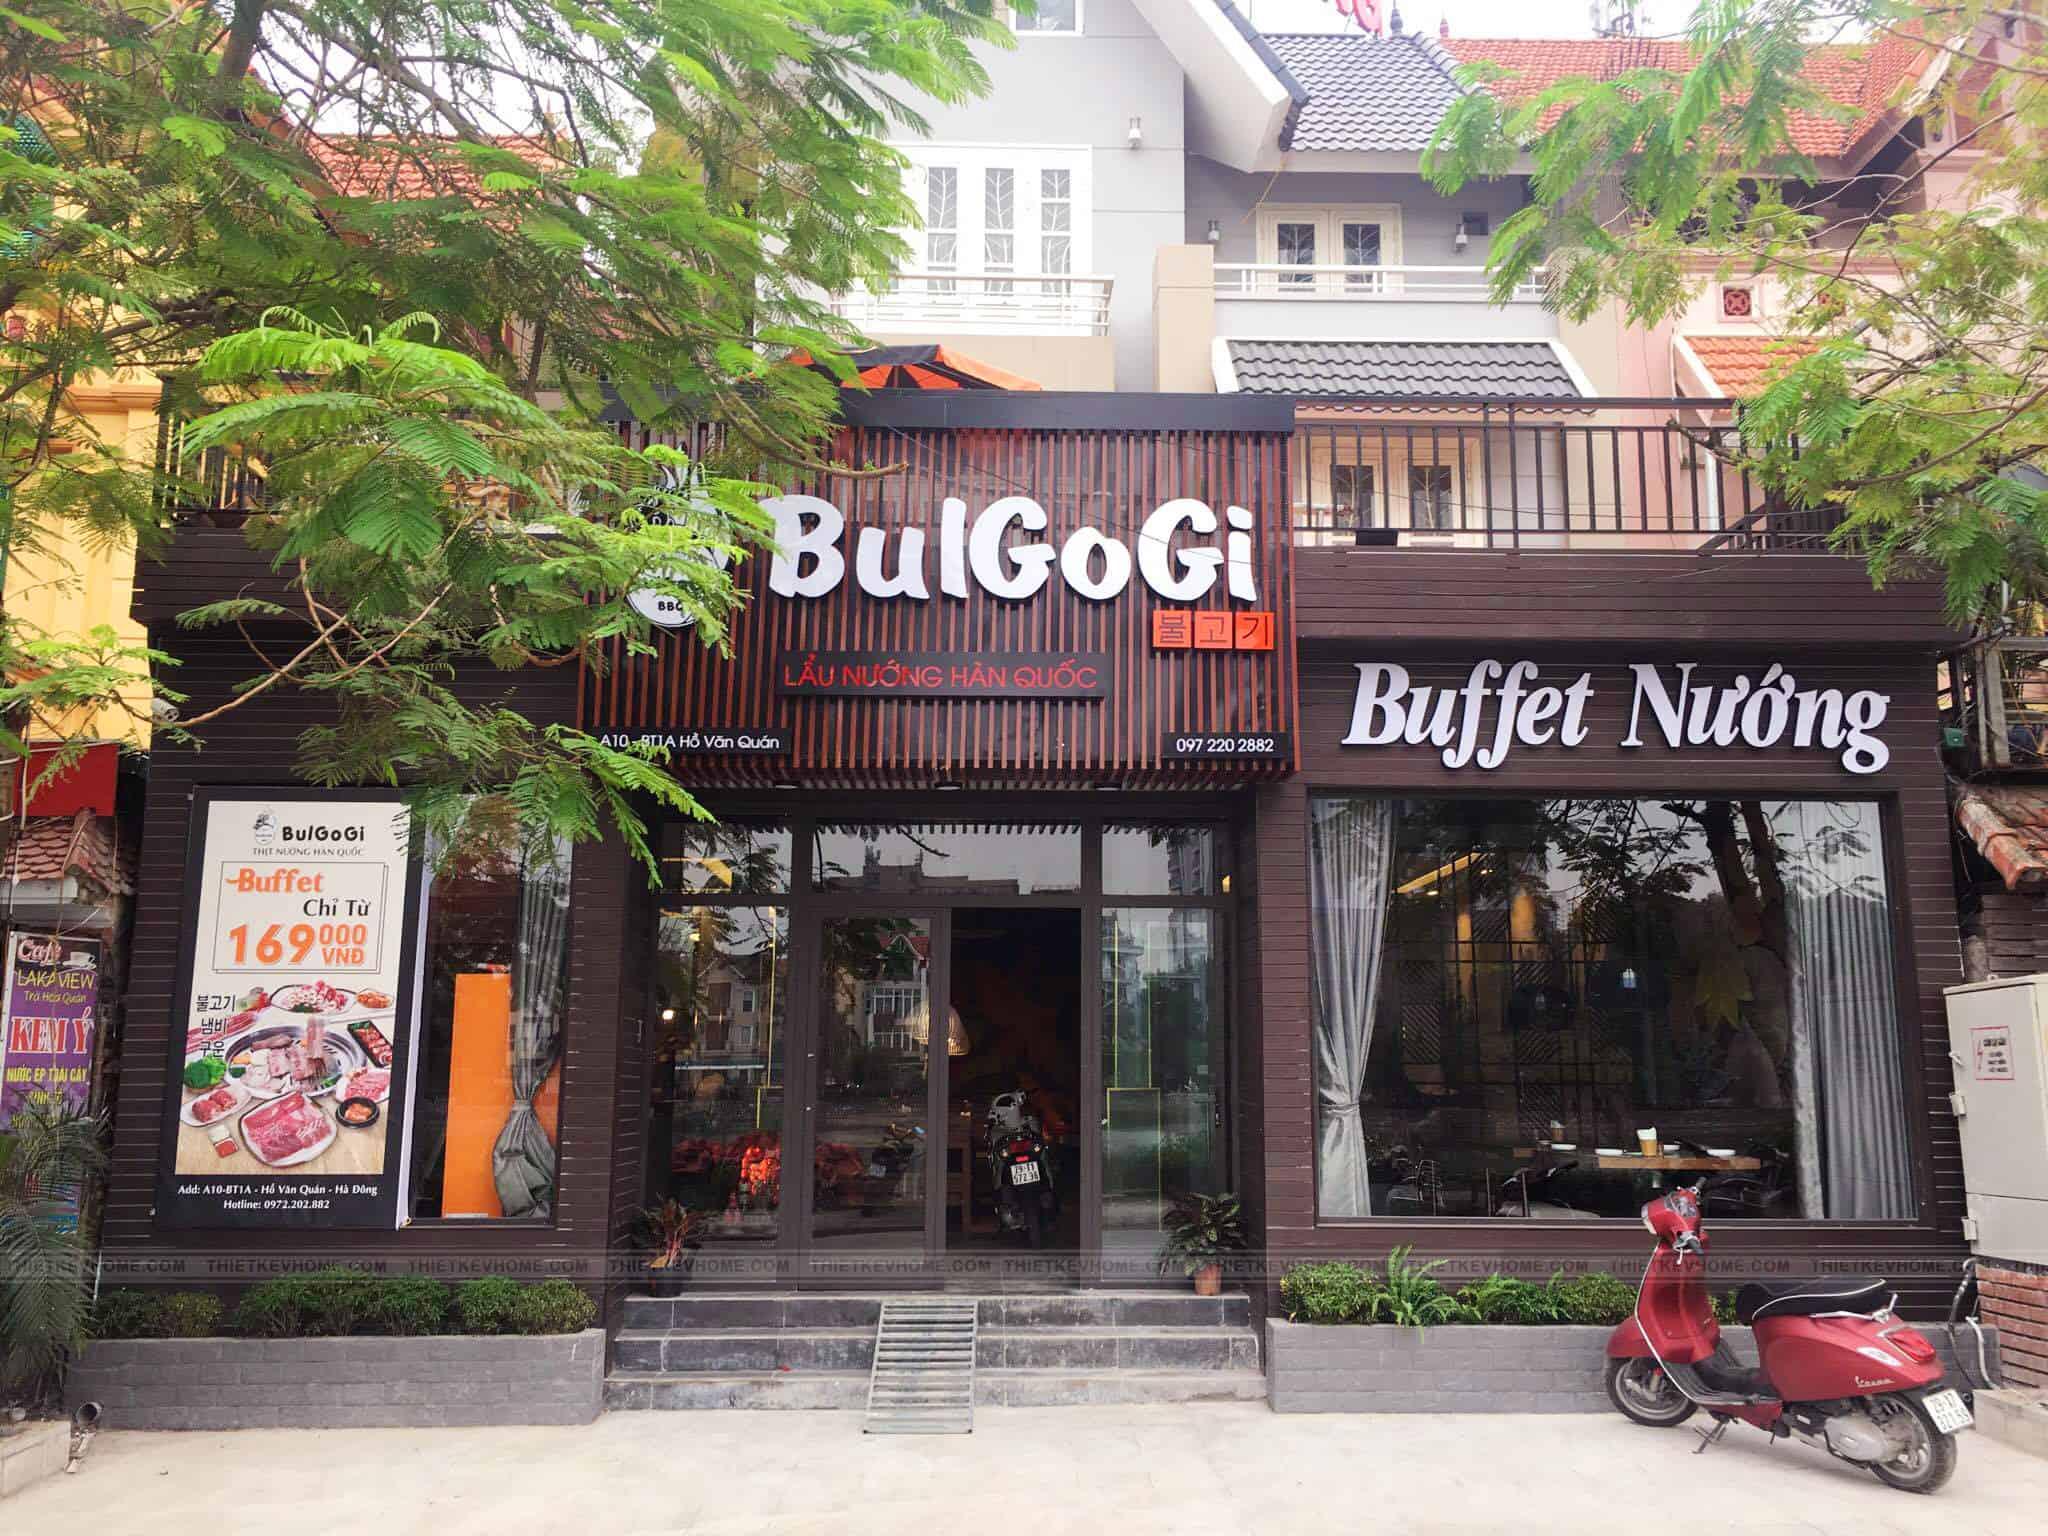 đặt tên nhà hàng bằng tiếng nước ngoài